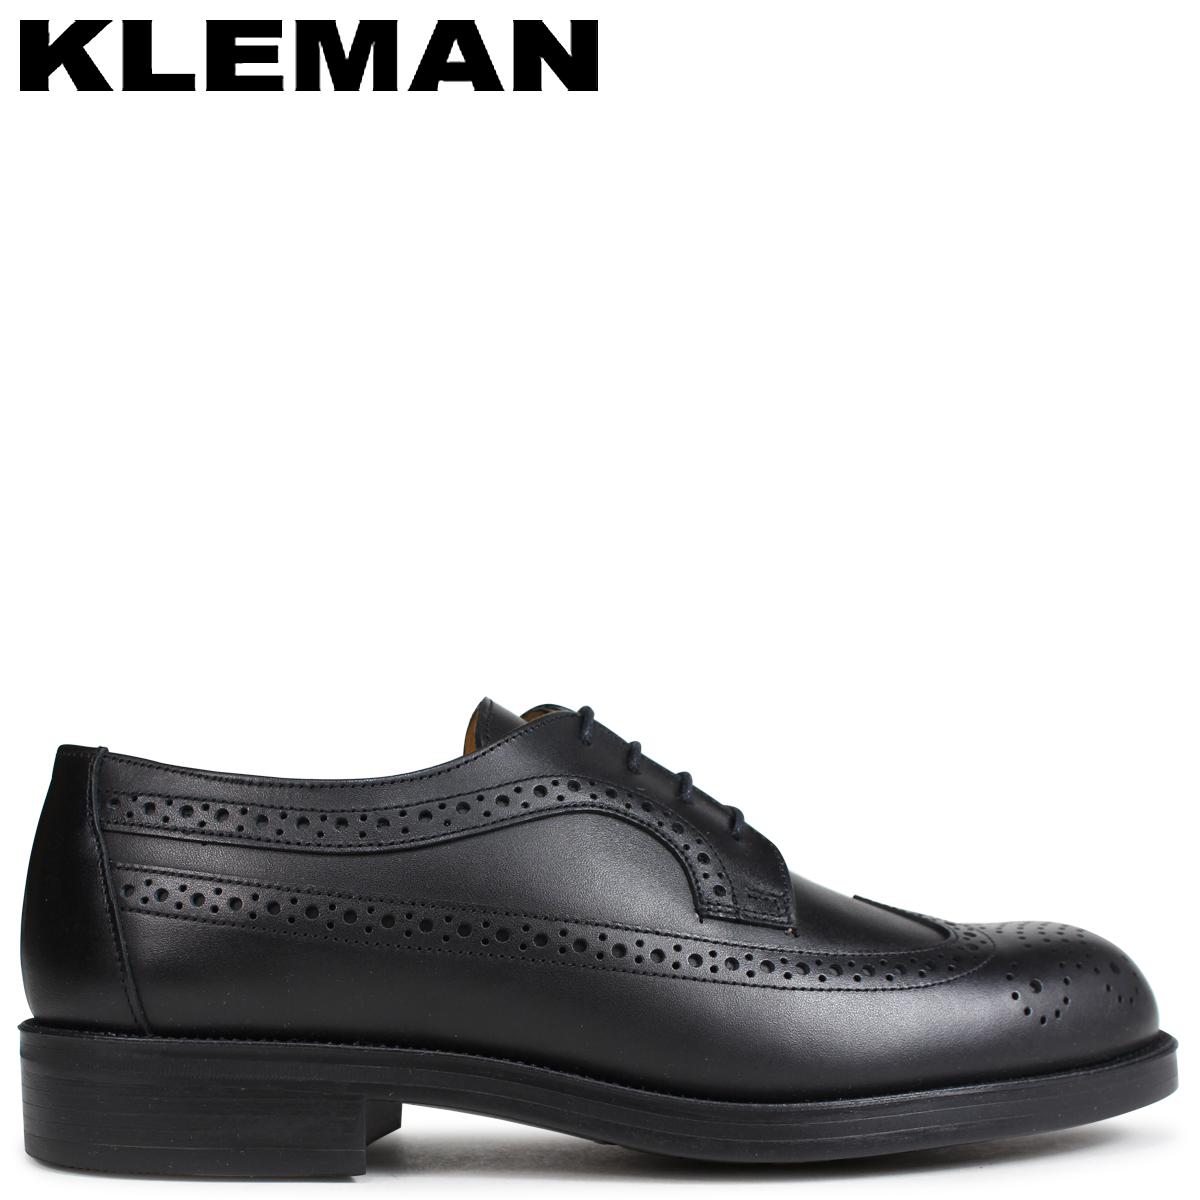 9ead07ef119a Clement KLEMAN SUFOLO shoes wing tip shoes men WING TIP SHOES black black  VA75102  the 4 3 additional arrival